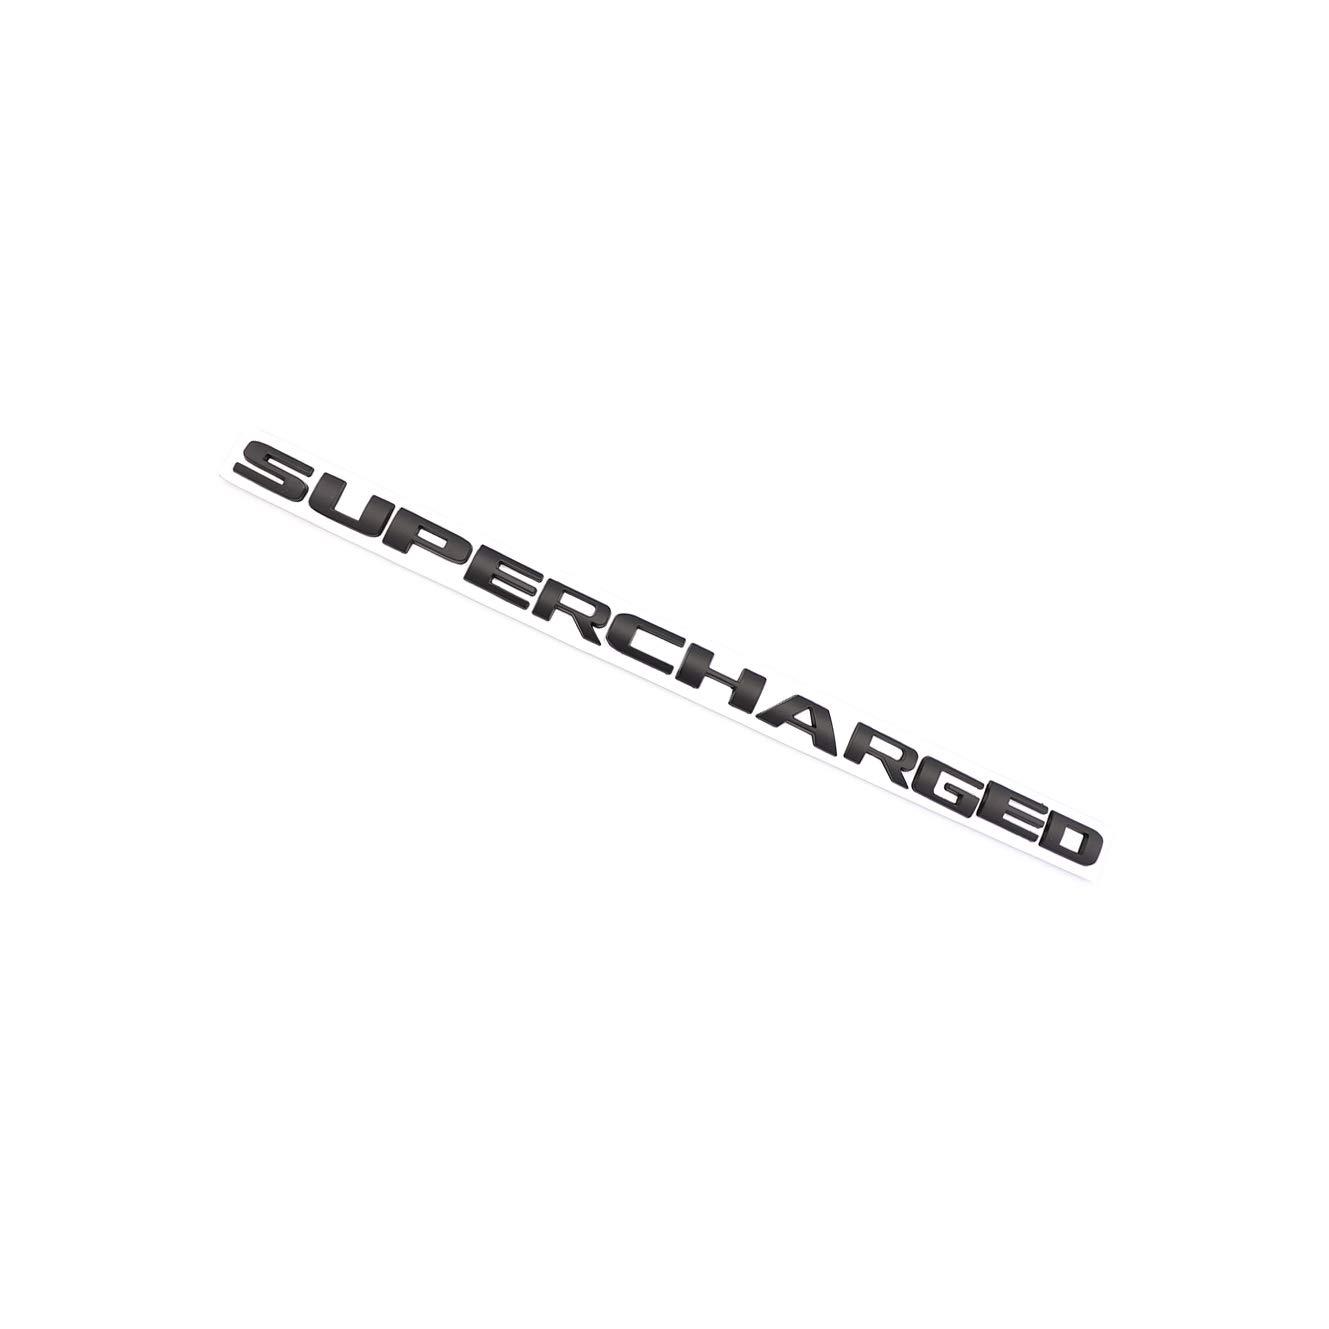 Black Metal Supercharged Letter Emblem Badge Fit for Chevrolet Right /& Left Side Door Fender Trunk Lid Badge Nameplate Decorativ